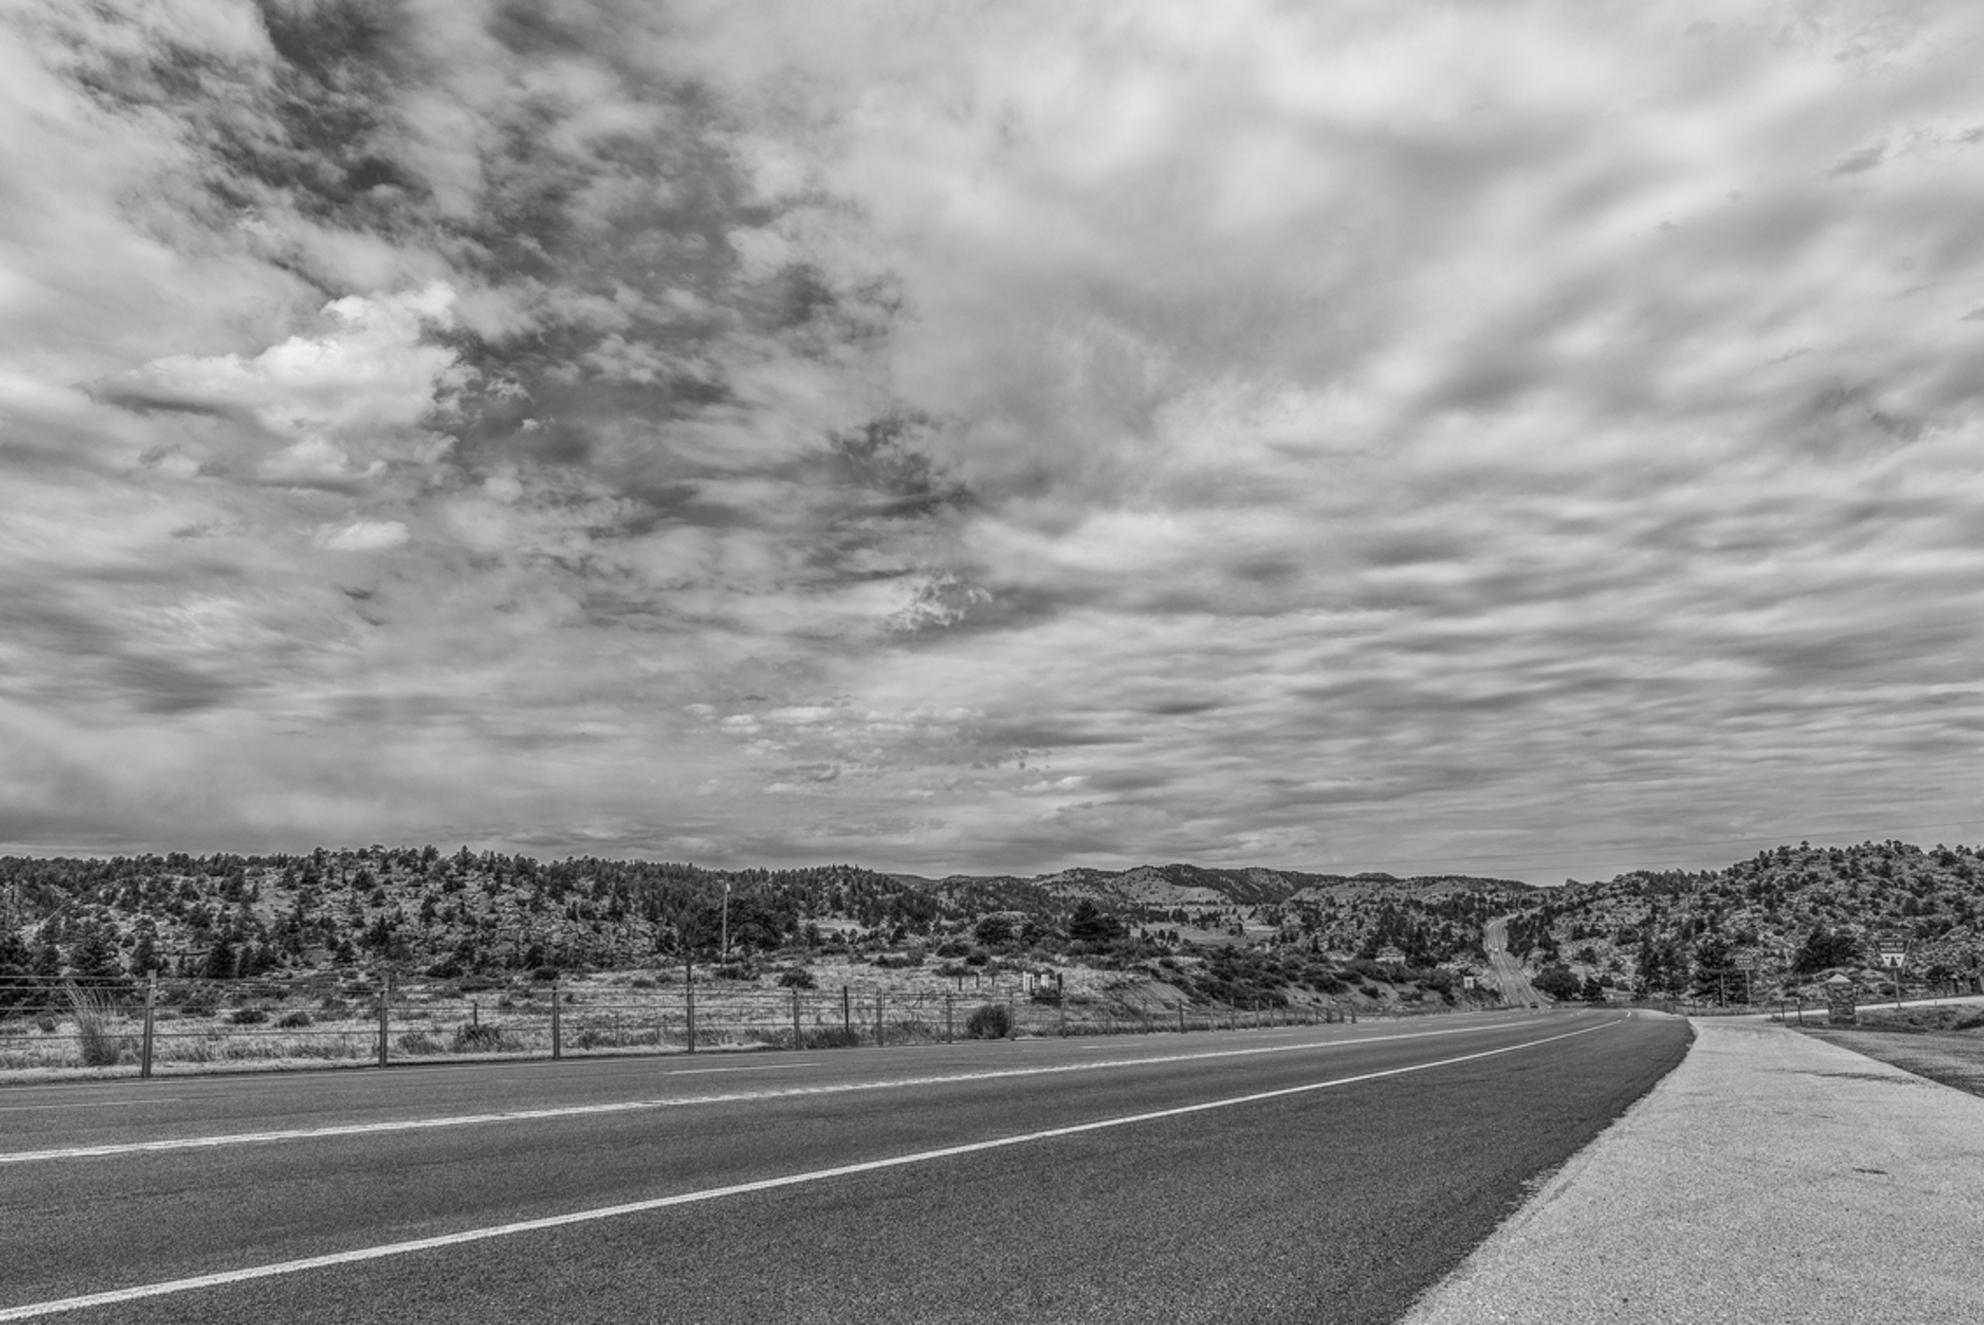 The road to ..... - Deze foto is gemaakt tijdens onze reis in Noord-Amerika - foto door angelique3004 op 03-11-2017 - deze foto bevat: lucht, wolken, uitzicht, vakantie, reizen, landschap, zomer, bergen, amerika, toerisme, reisfotografie